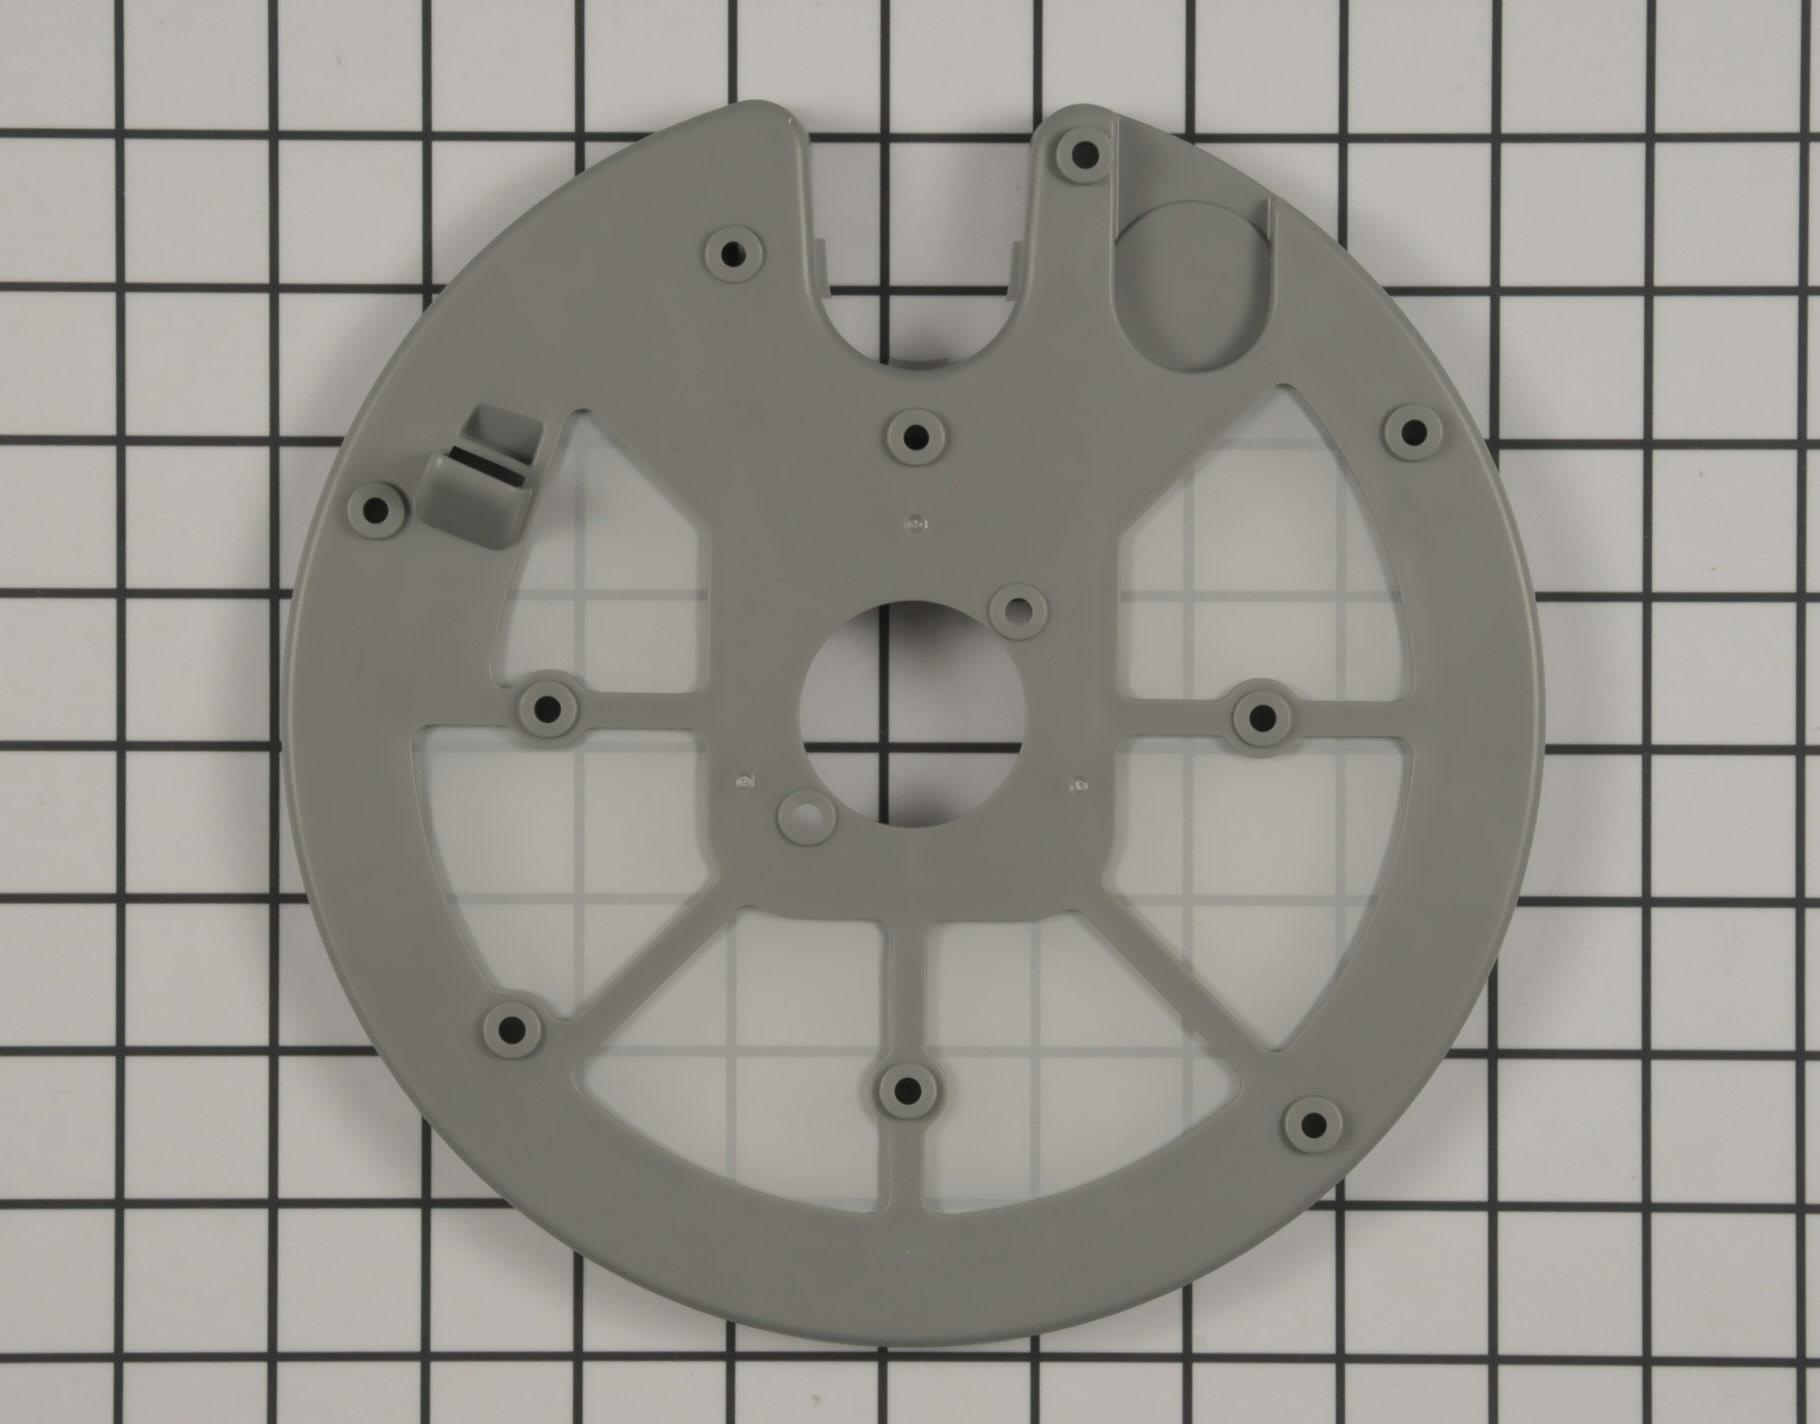 DD97-00133B Samsung Dishwasher Part -Filter